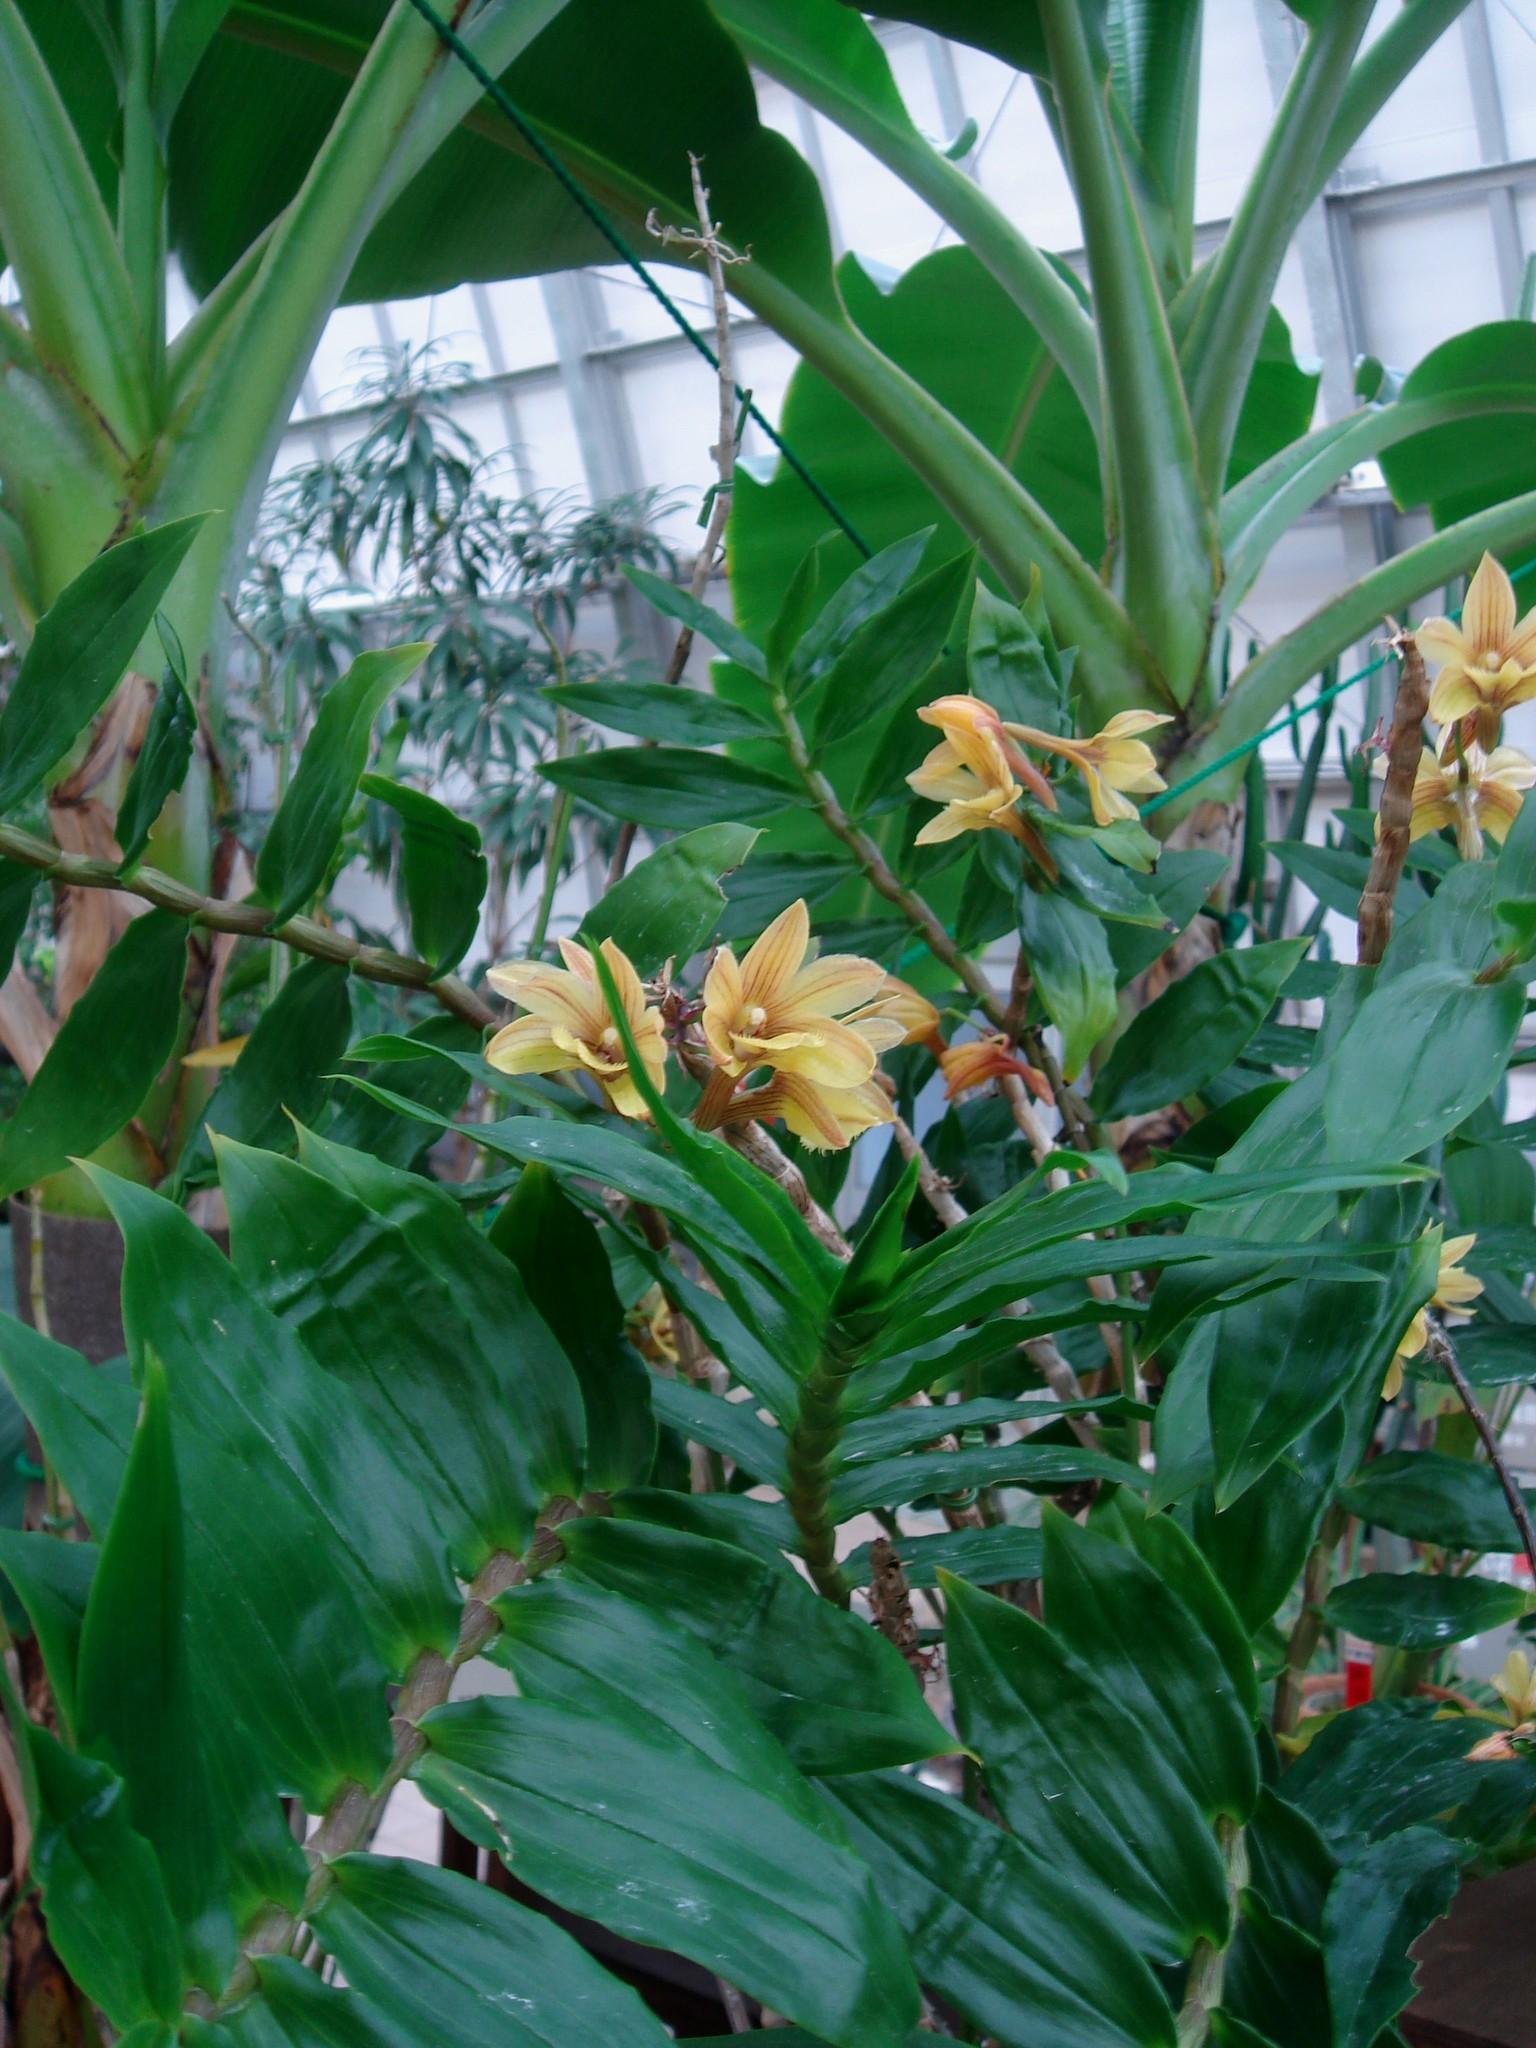 http://orchids.la.coocan.jp/Dendrobium/Dendrobium%20serratilabium/DSC04096.JPG